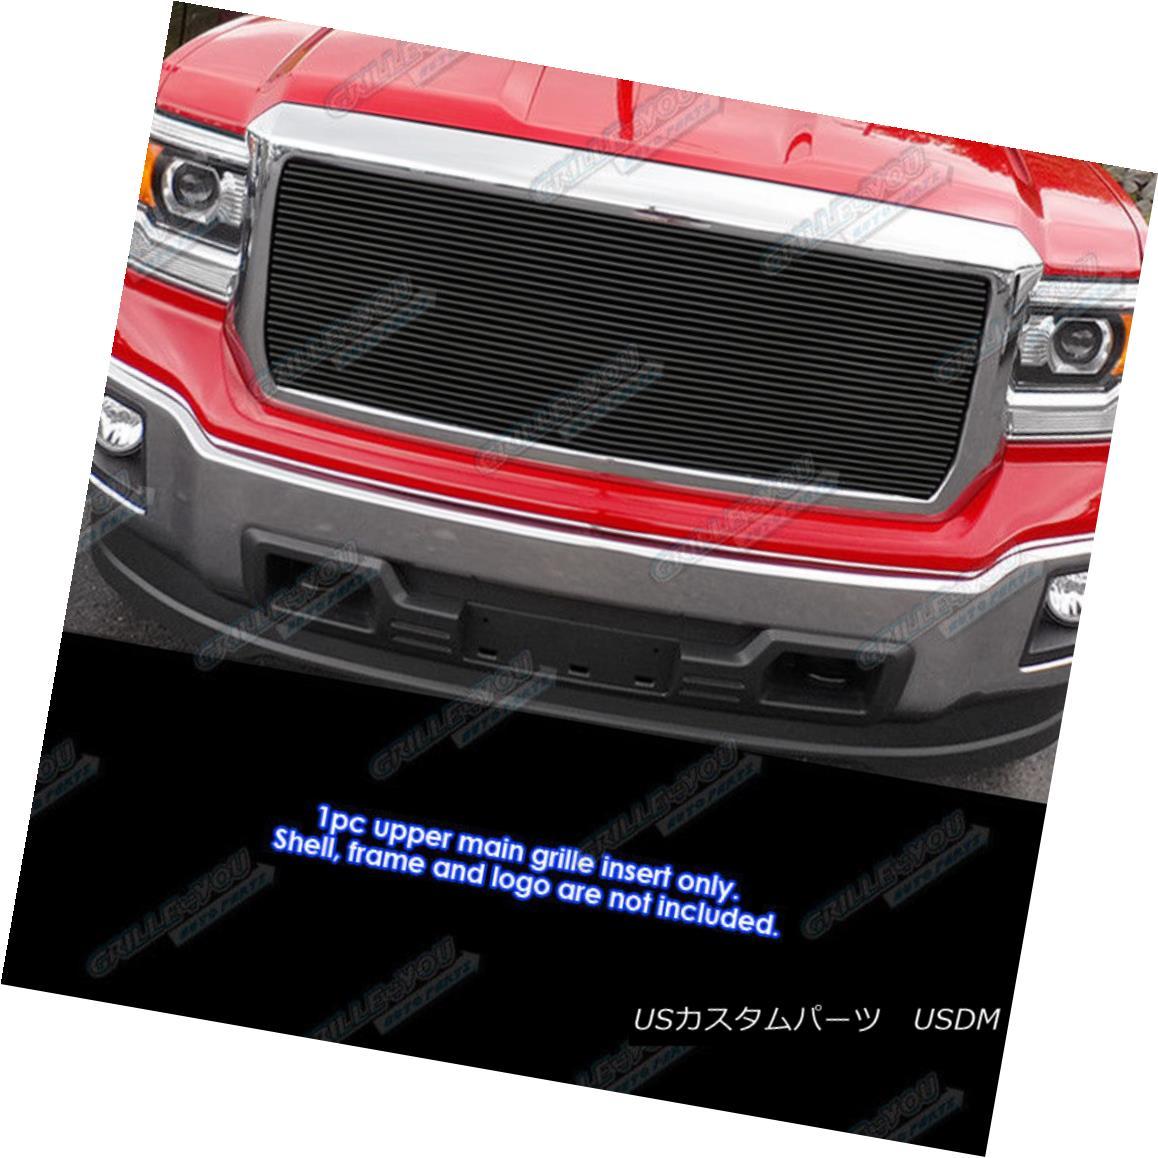 グリル Fits 2014-2015 GMC Sierra 1500 Black Main Upper Billet Grille Inserts フィット2014-2015 GMC Sierra 1500 Blackメインアッパービレットグリルインサート